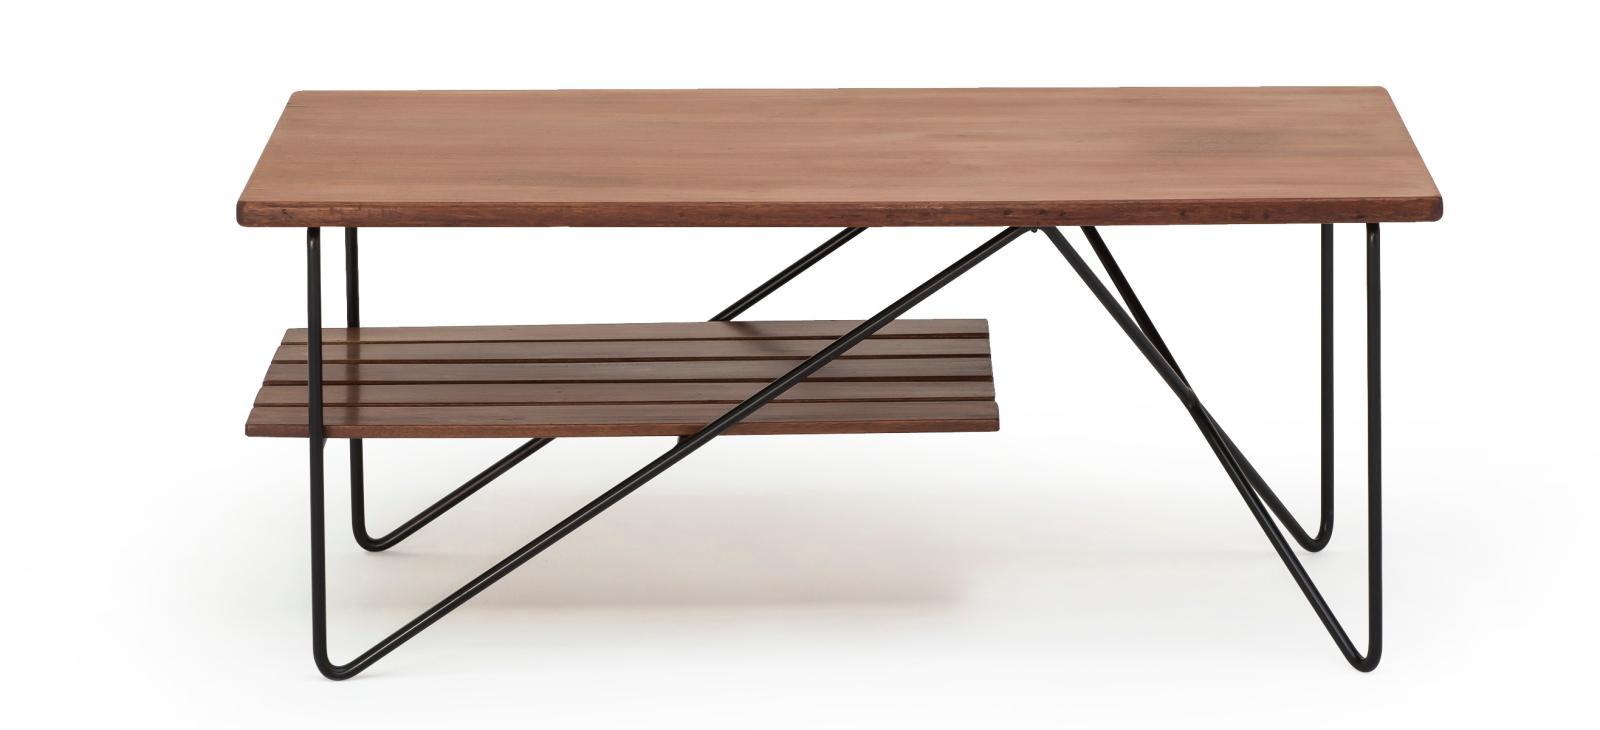 René-Jean Caillette, table basse en acajou et métal laqué, édition Charron, Groupe 4, 1954, 42x100x43cm. Courtesy galerie Pascal Cuis